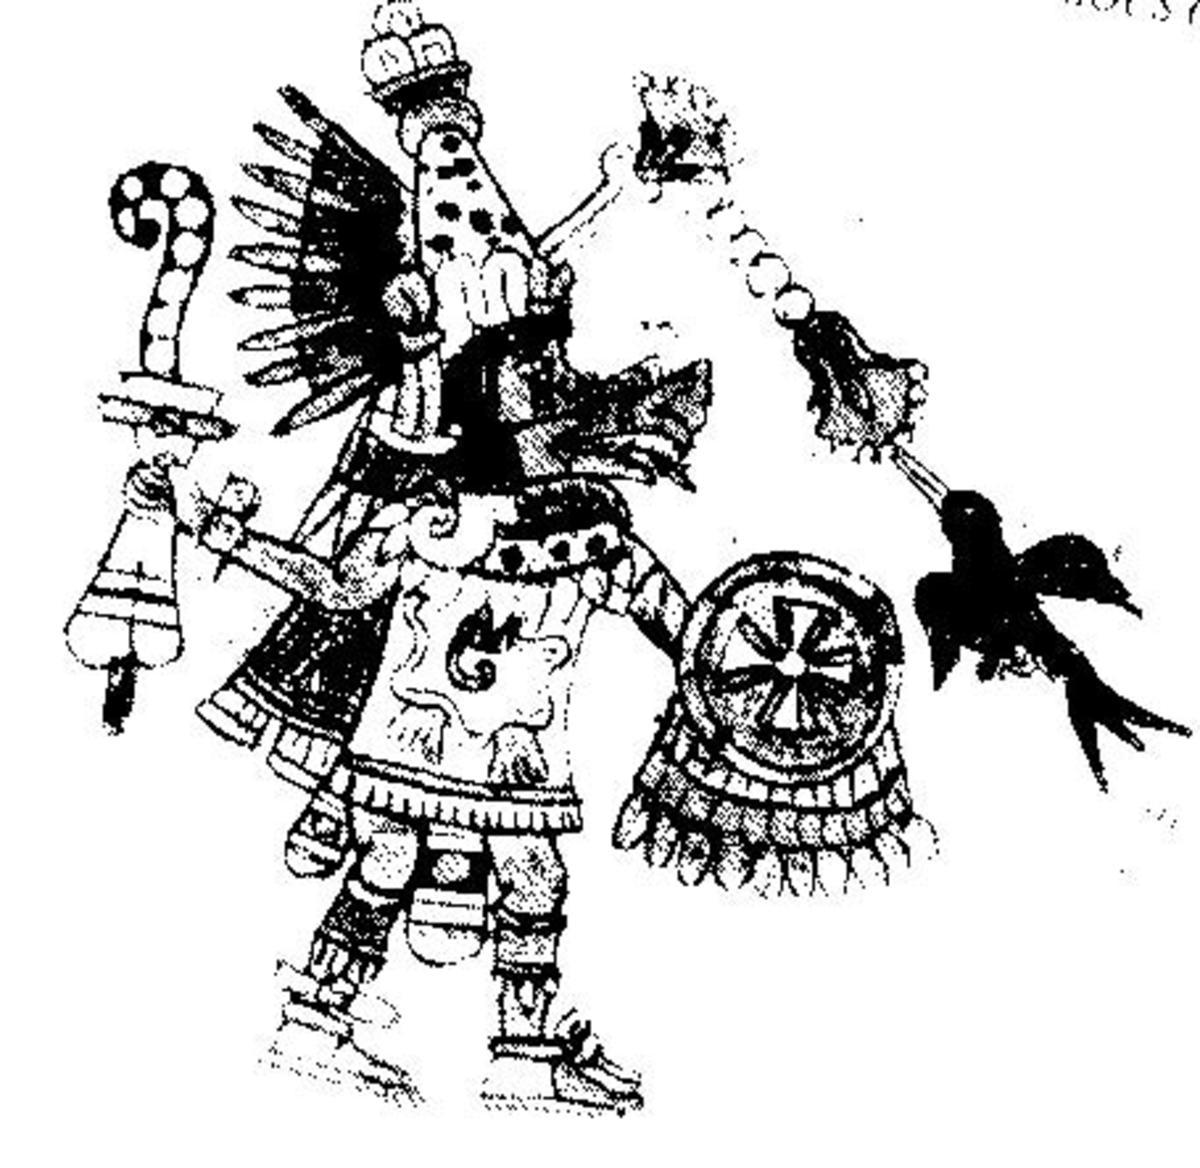 Quetzalcoatl, Plumed Serpent. A benevolent god.